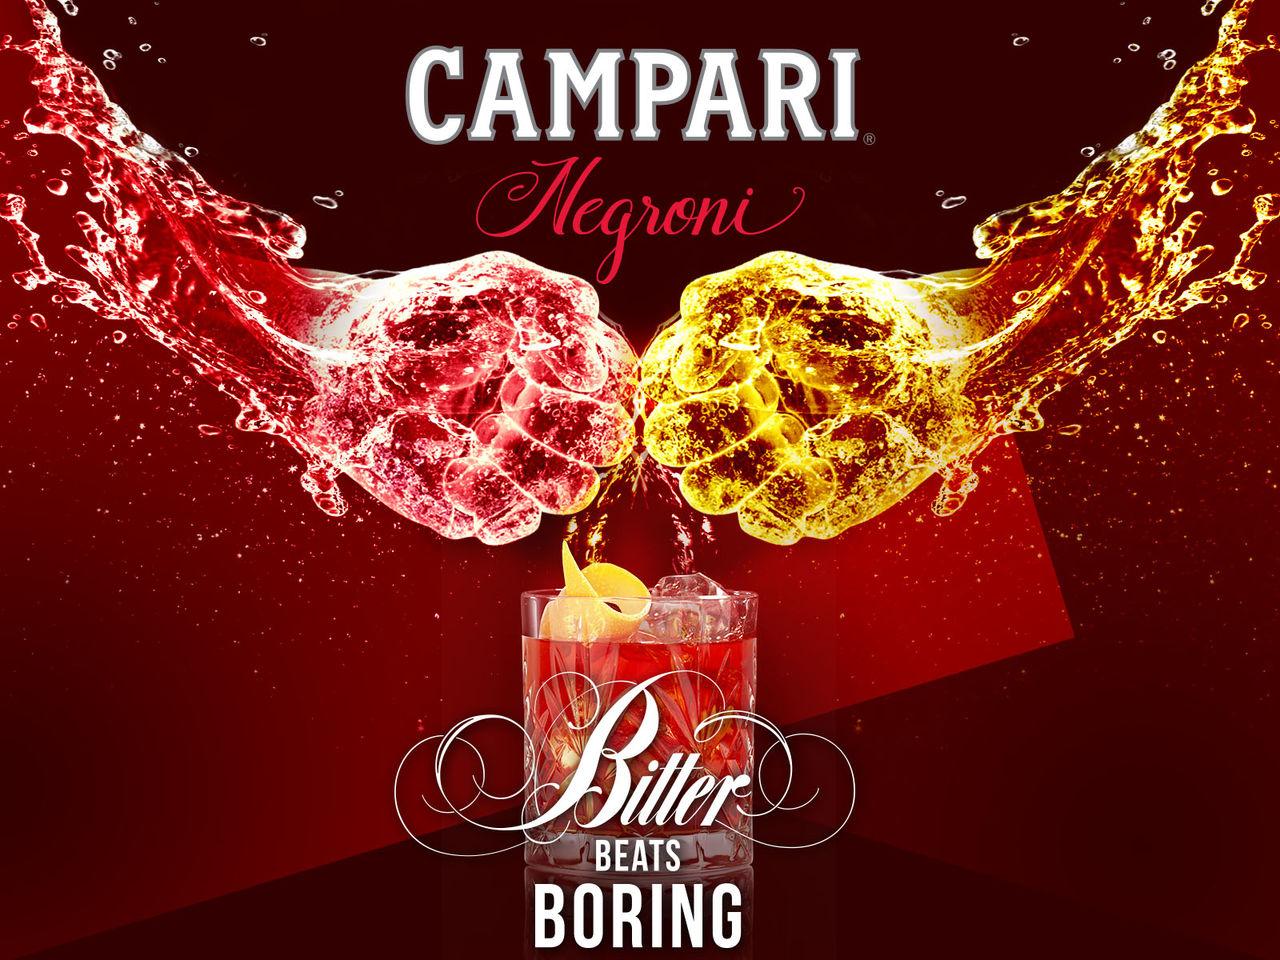 Campari - Negroni